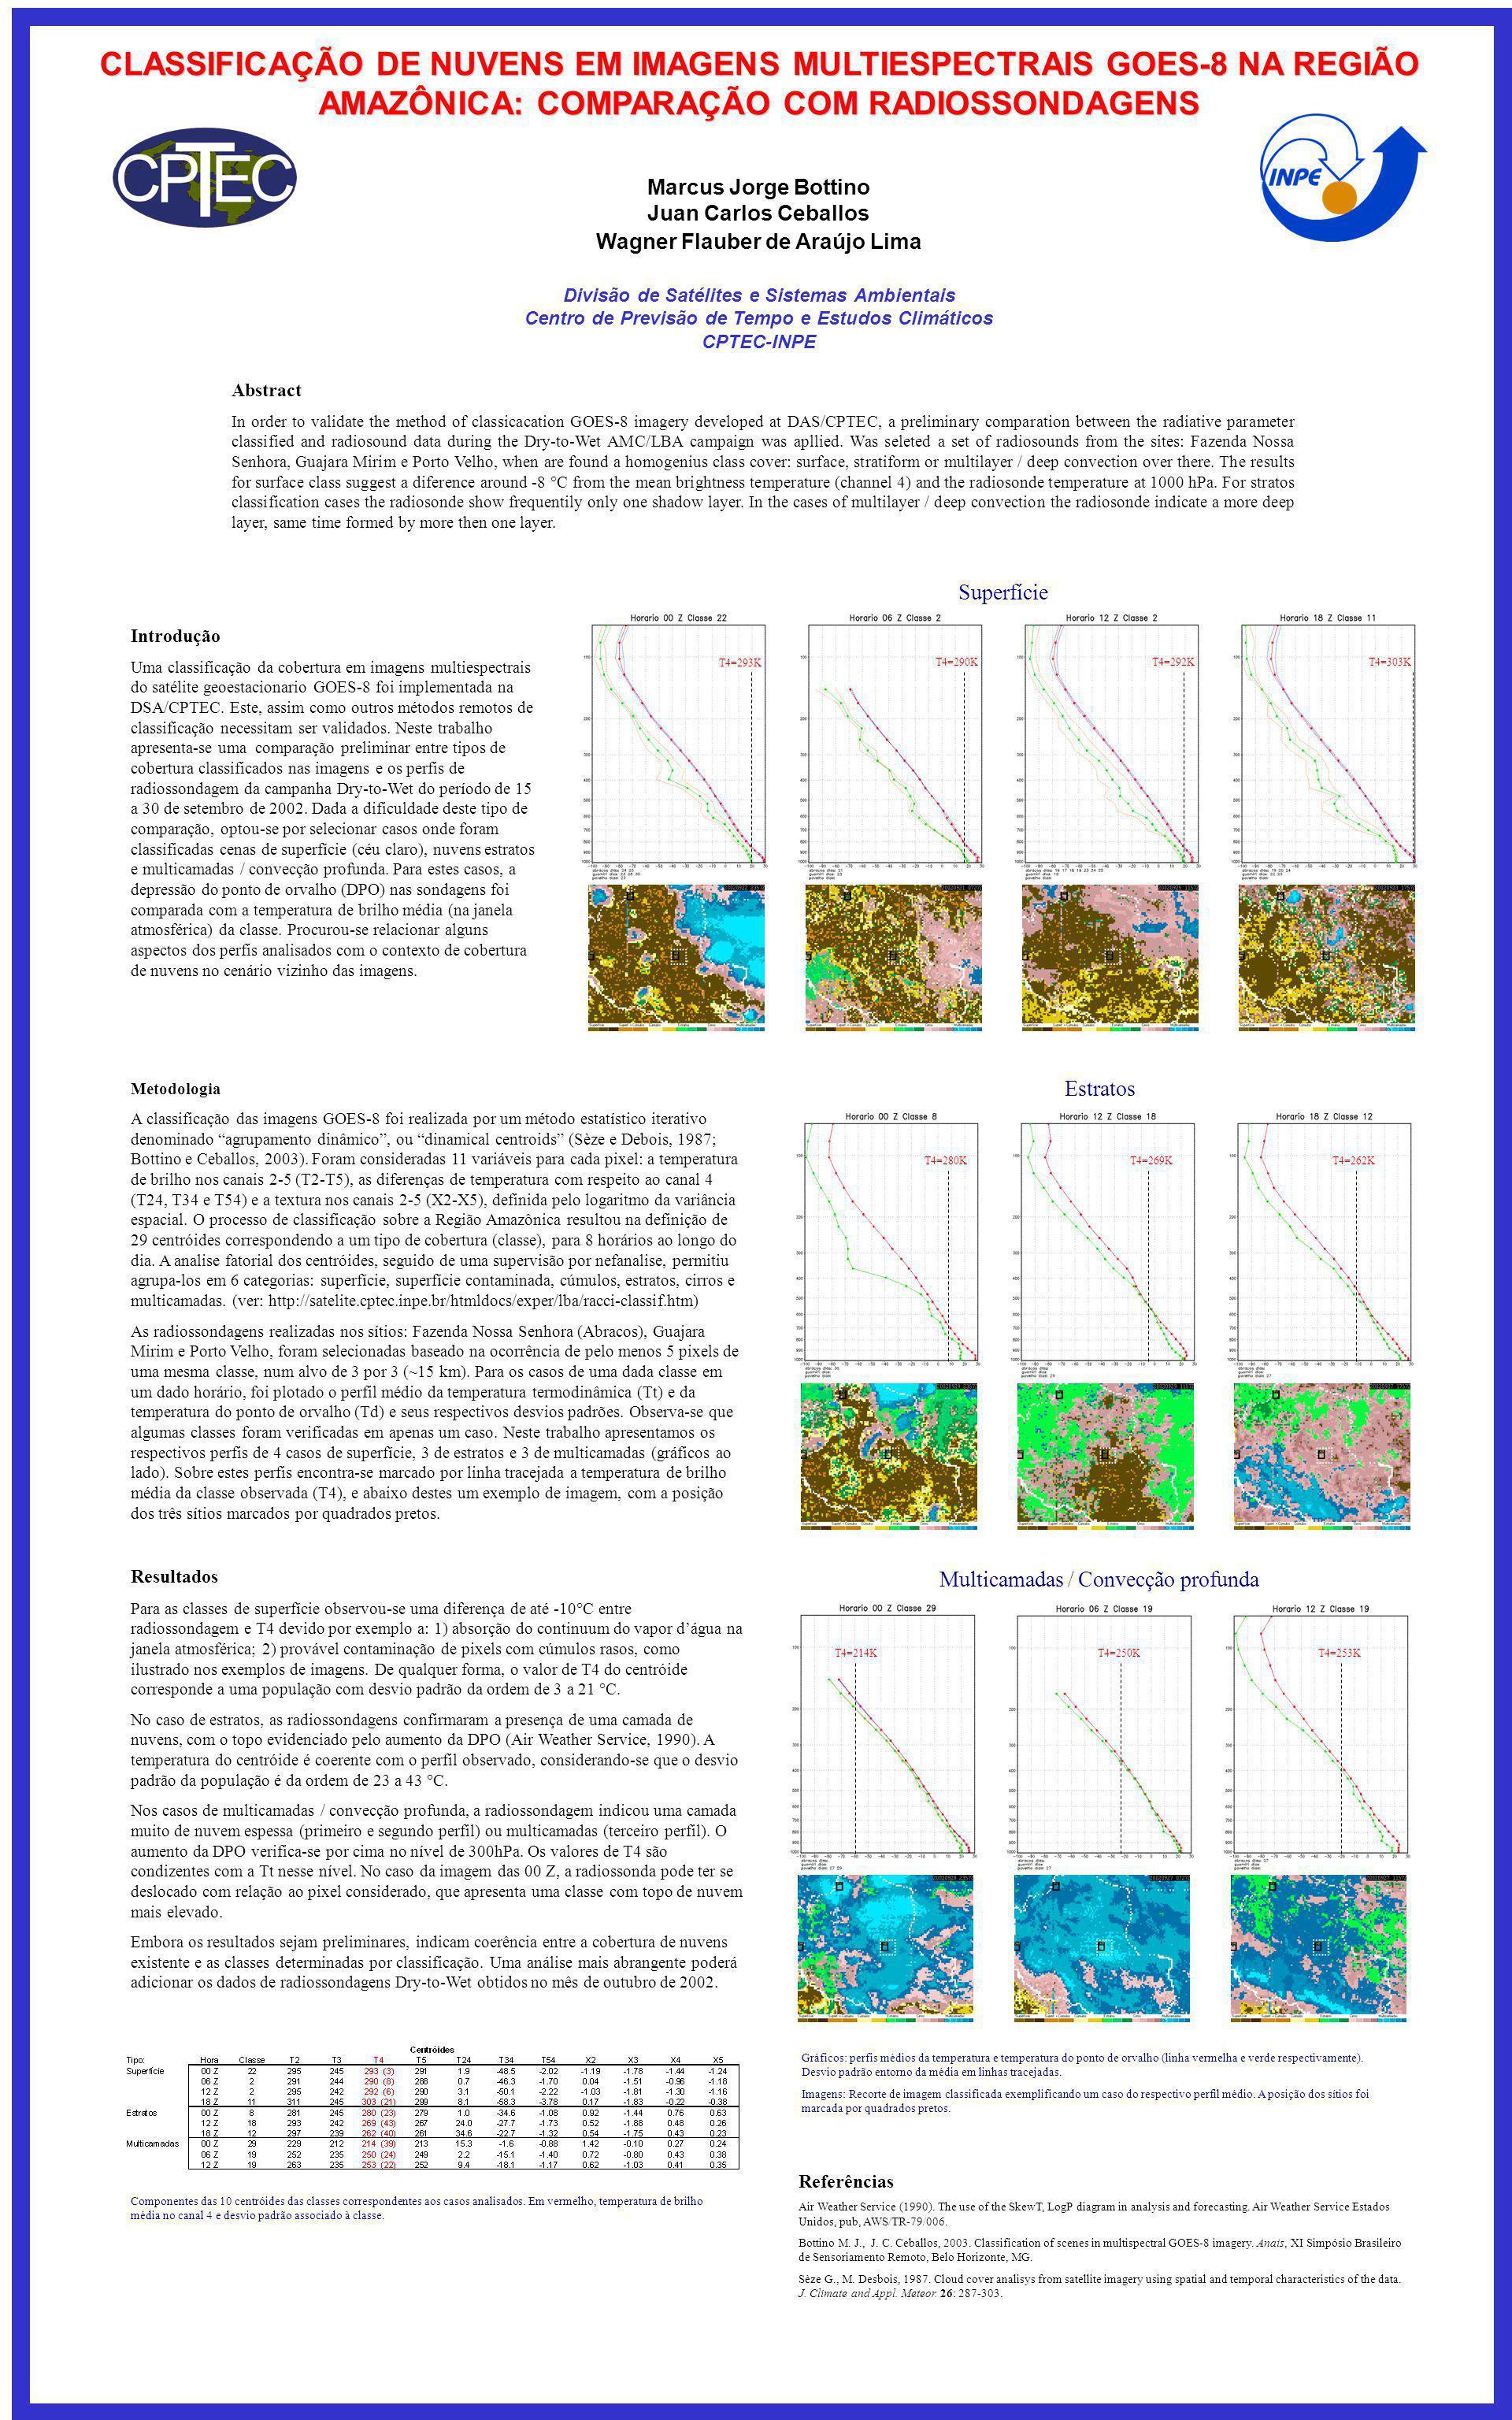 CLASSIFICAÇÃO DE NUVENS EM IMAGENS MULTIESPECTRAIS GOES-8 NA REGIÃO AMAZÔNICA: COMPARAÇÃO COM RADIOSSONDAGENS